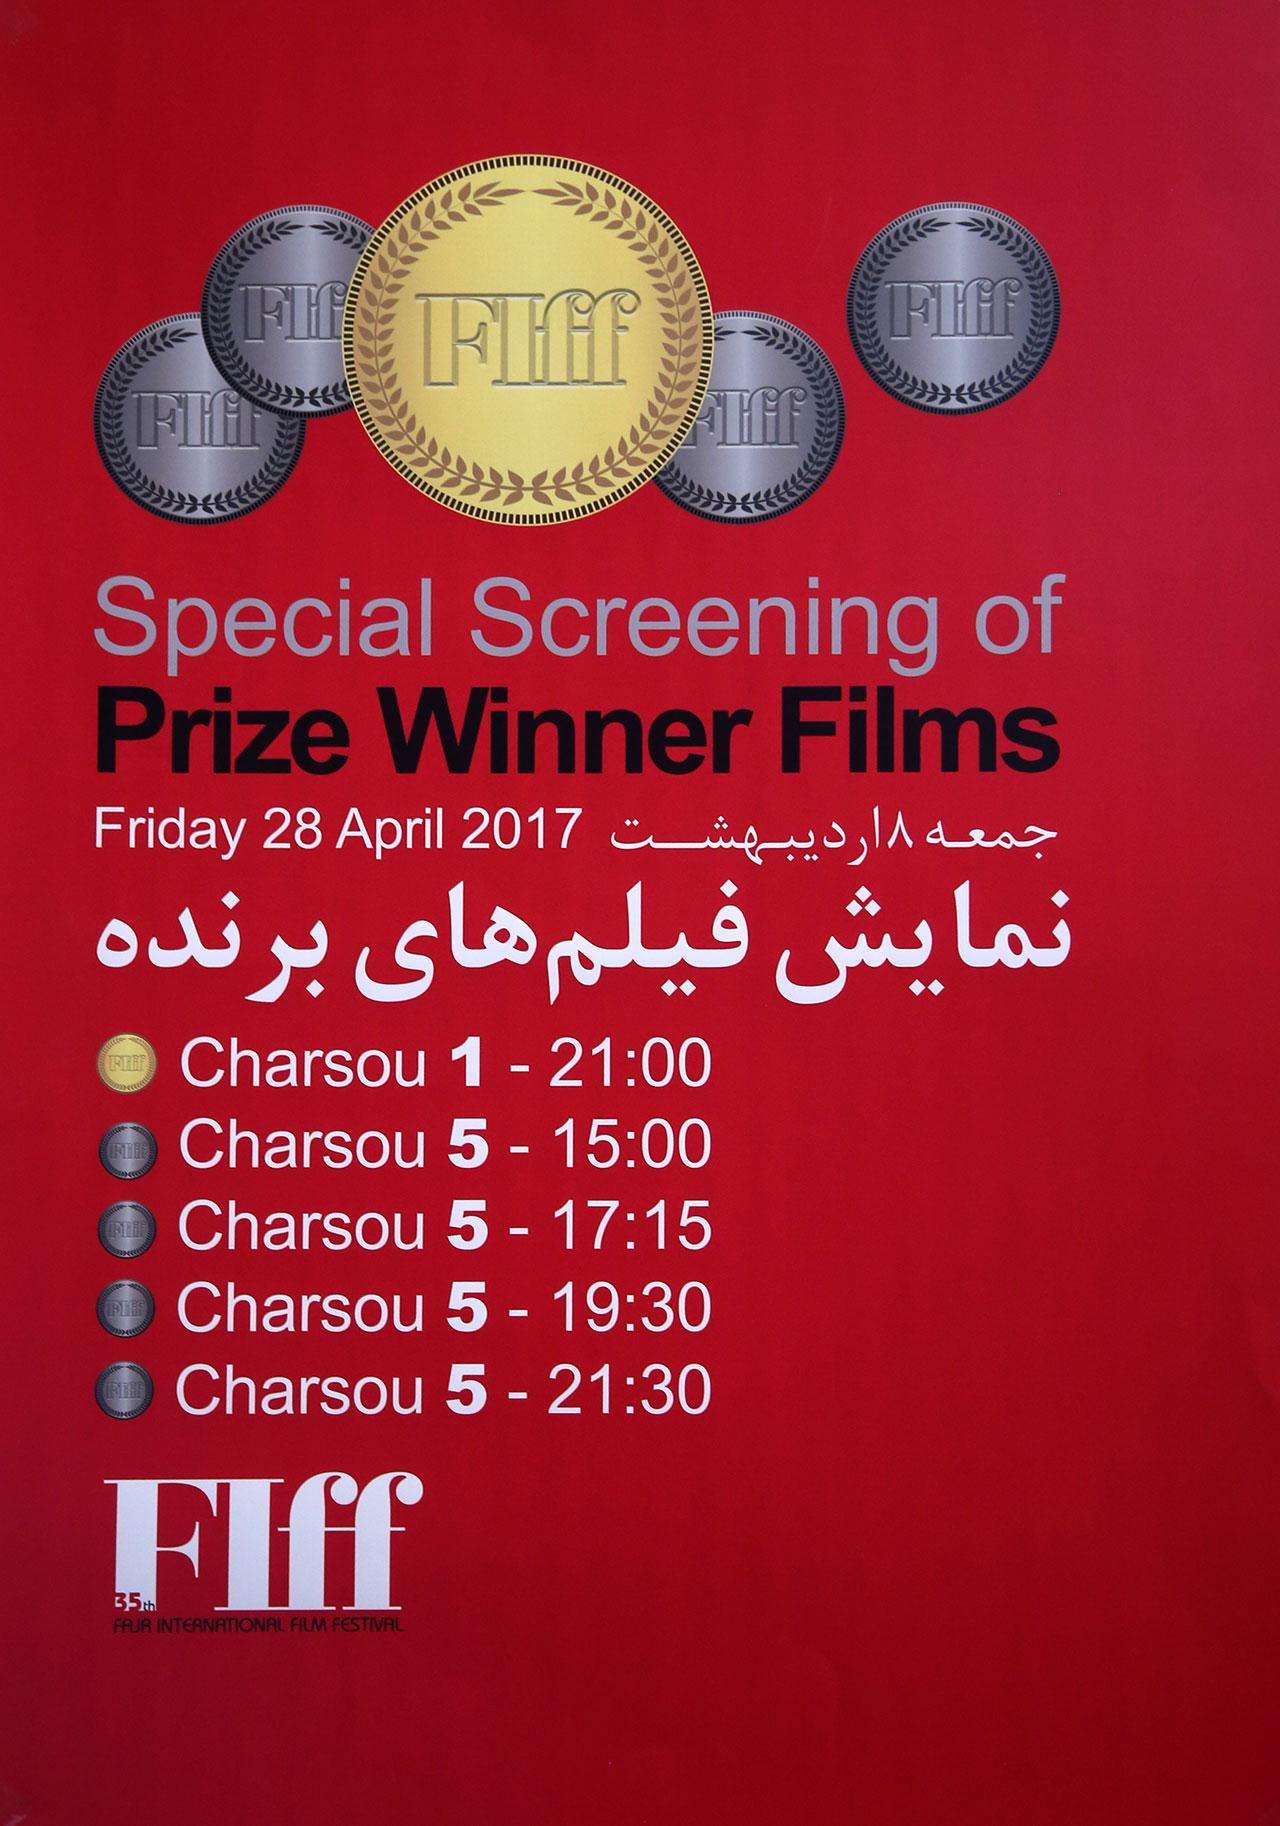 نمایش فیلمهای برگزیده جشنواره جهانی فیلم فجر سی و پنجم در پردیس چارسو